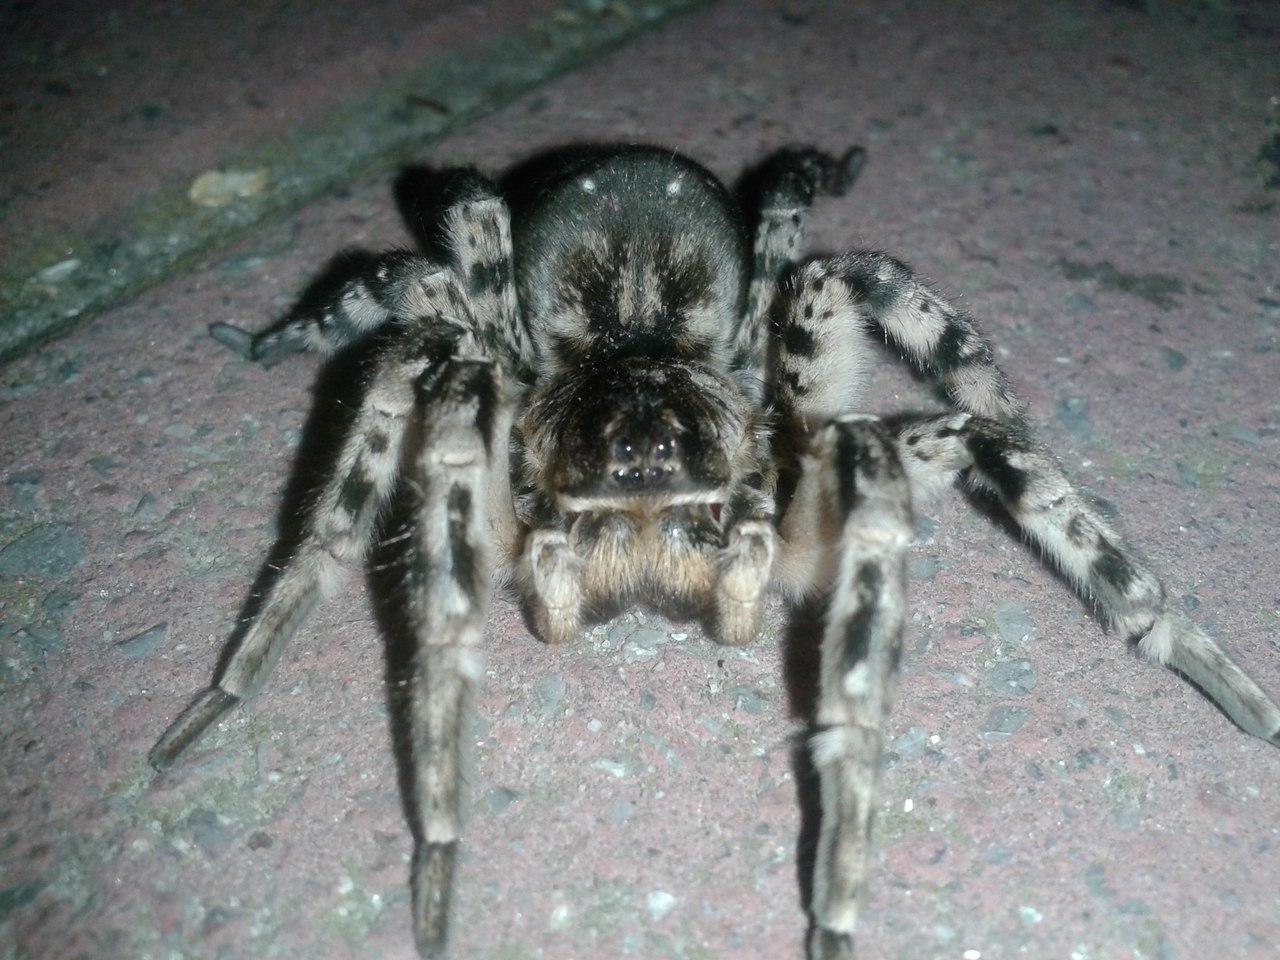 На Пушкинской набережной Таганрога был найден обитатель Средней Азии - опасный паук тарантул! ВИДЕО